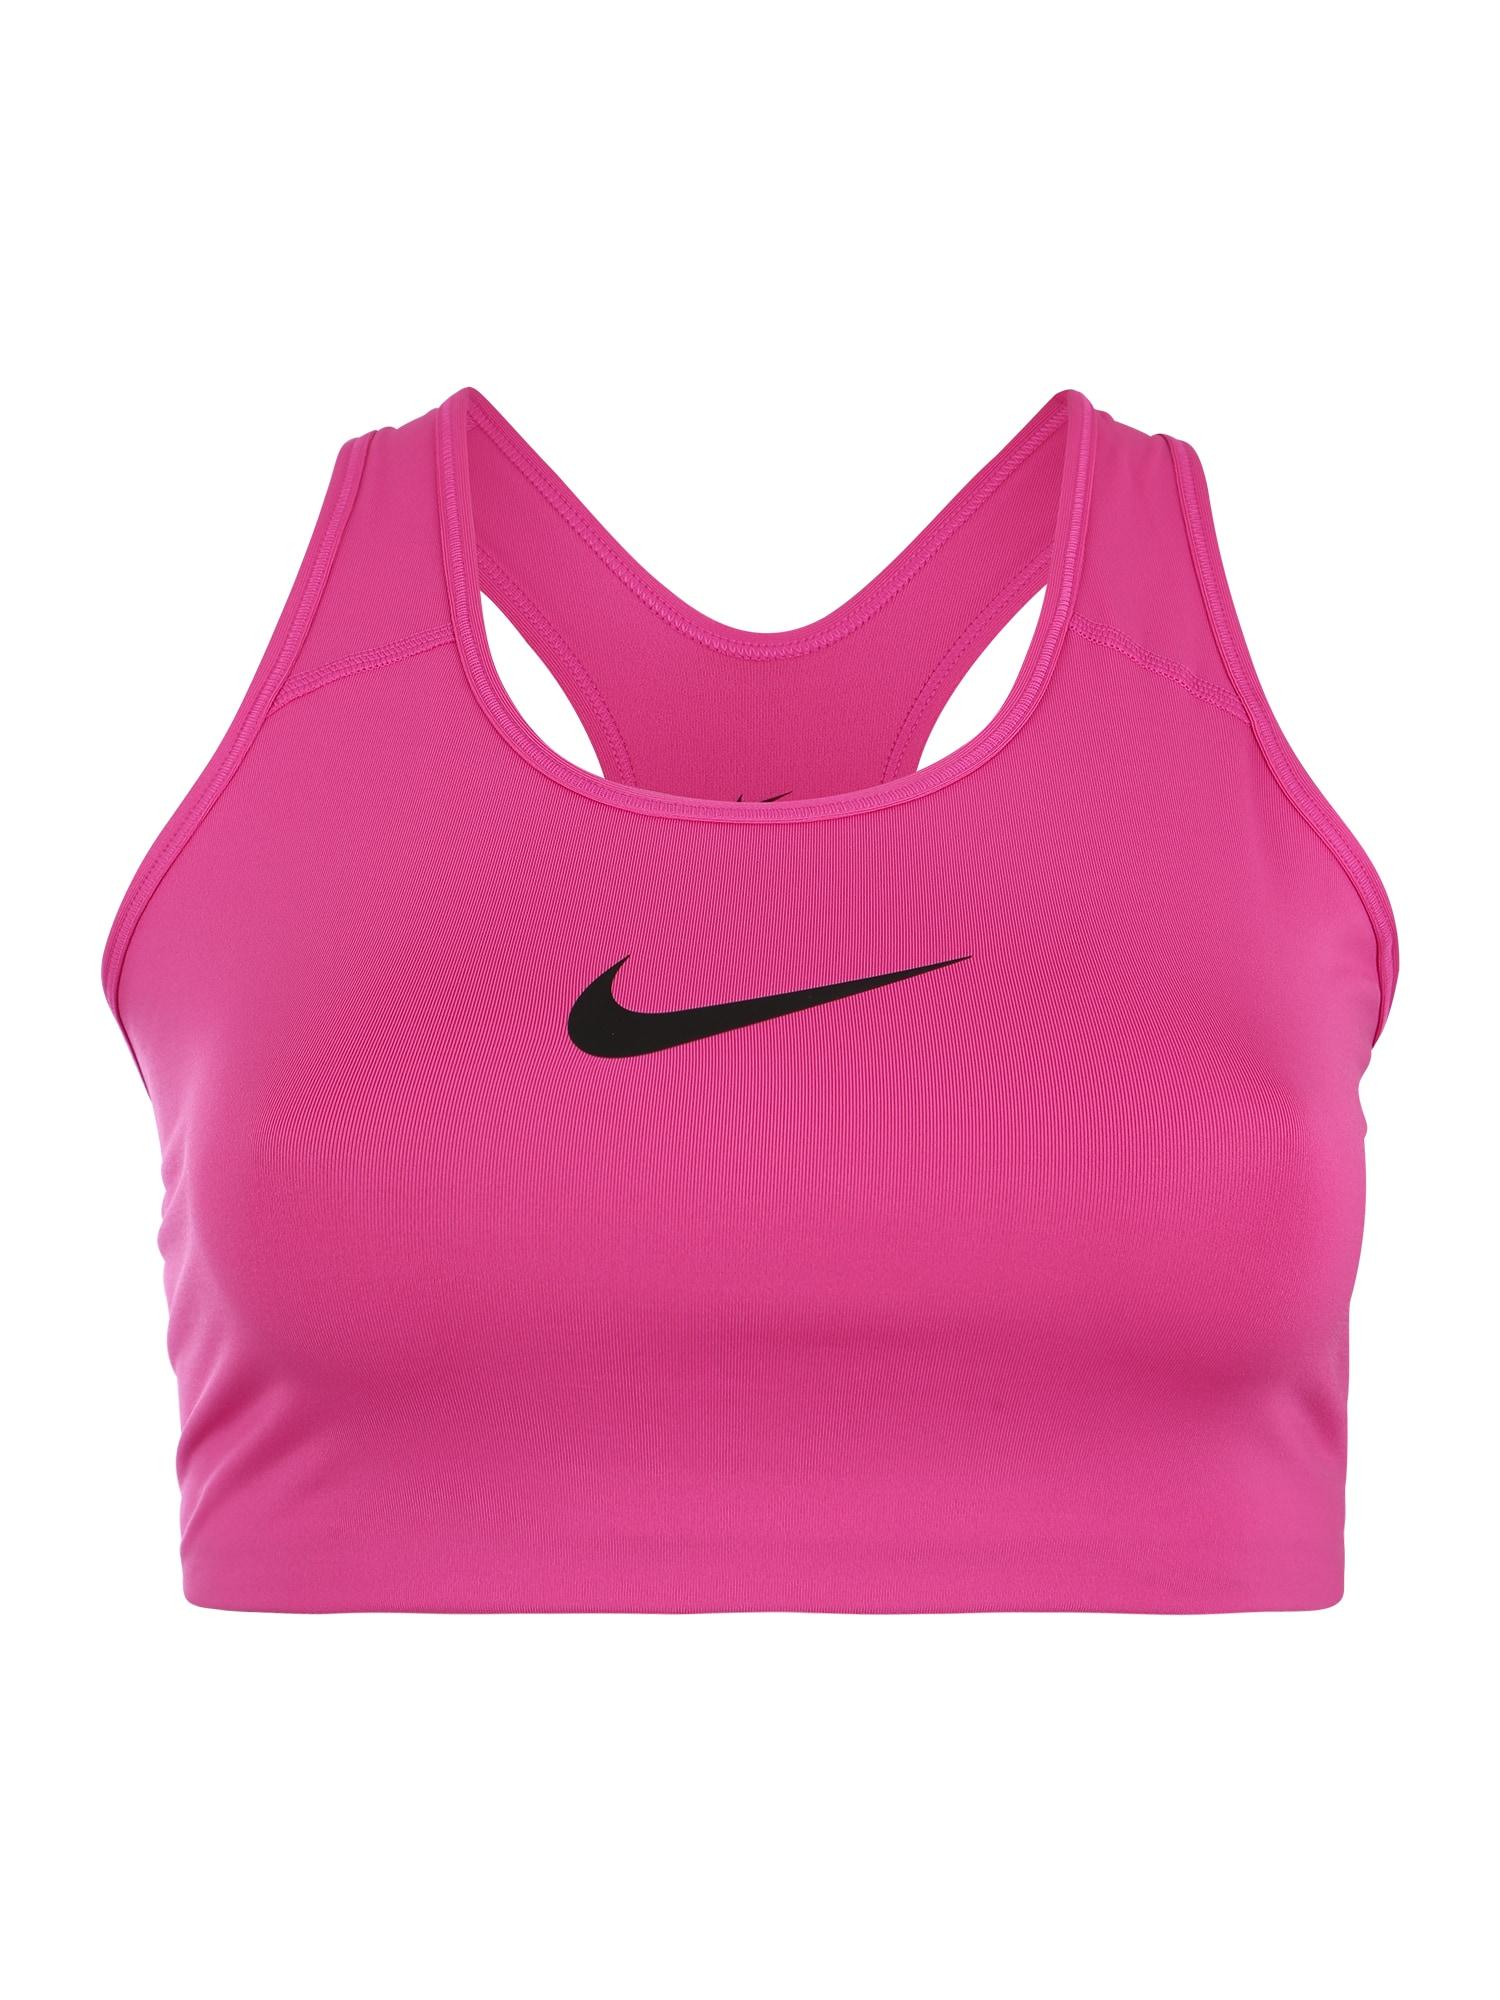 Sportovní podprsenka Swoosh pink černá NIKE